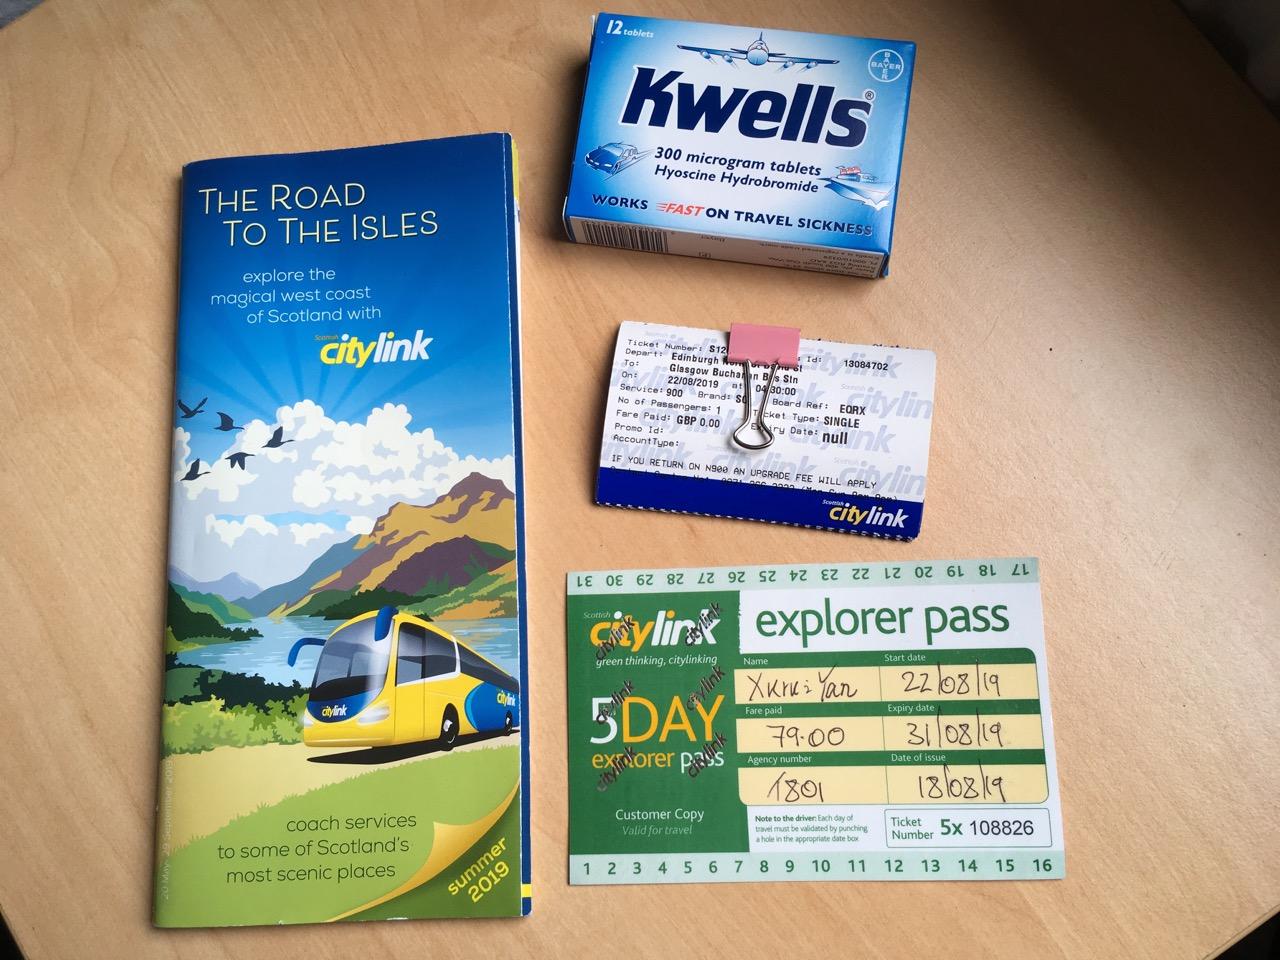 线路时刻表、通票和晕车药